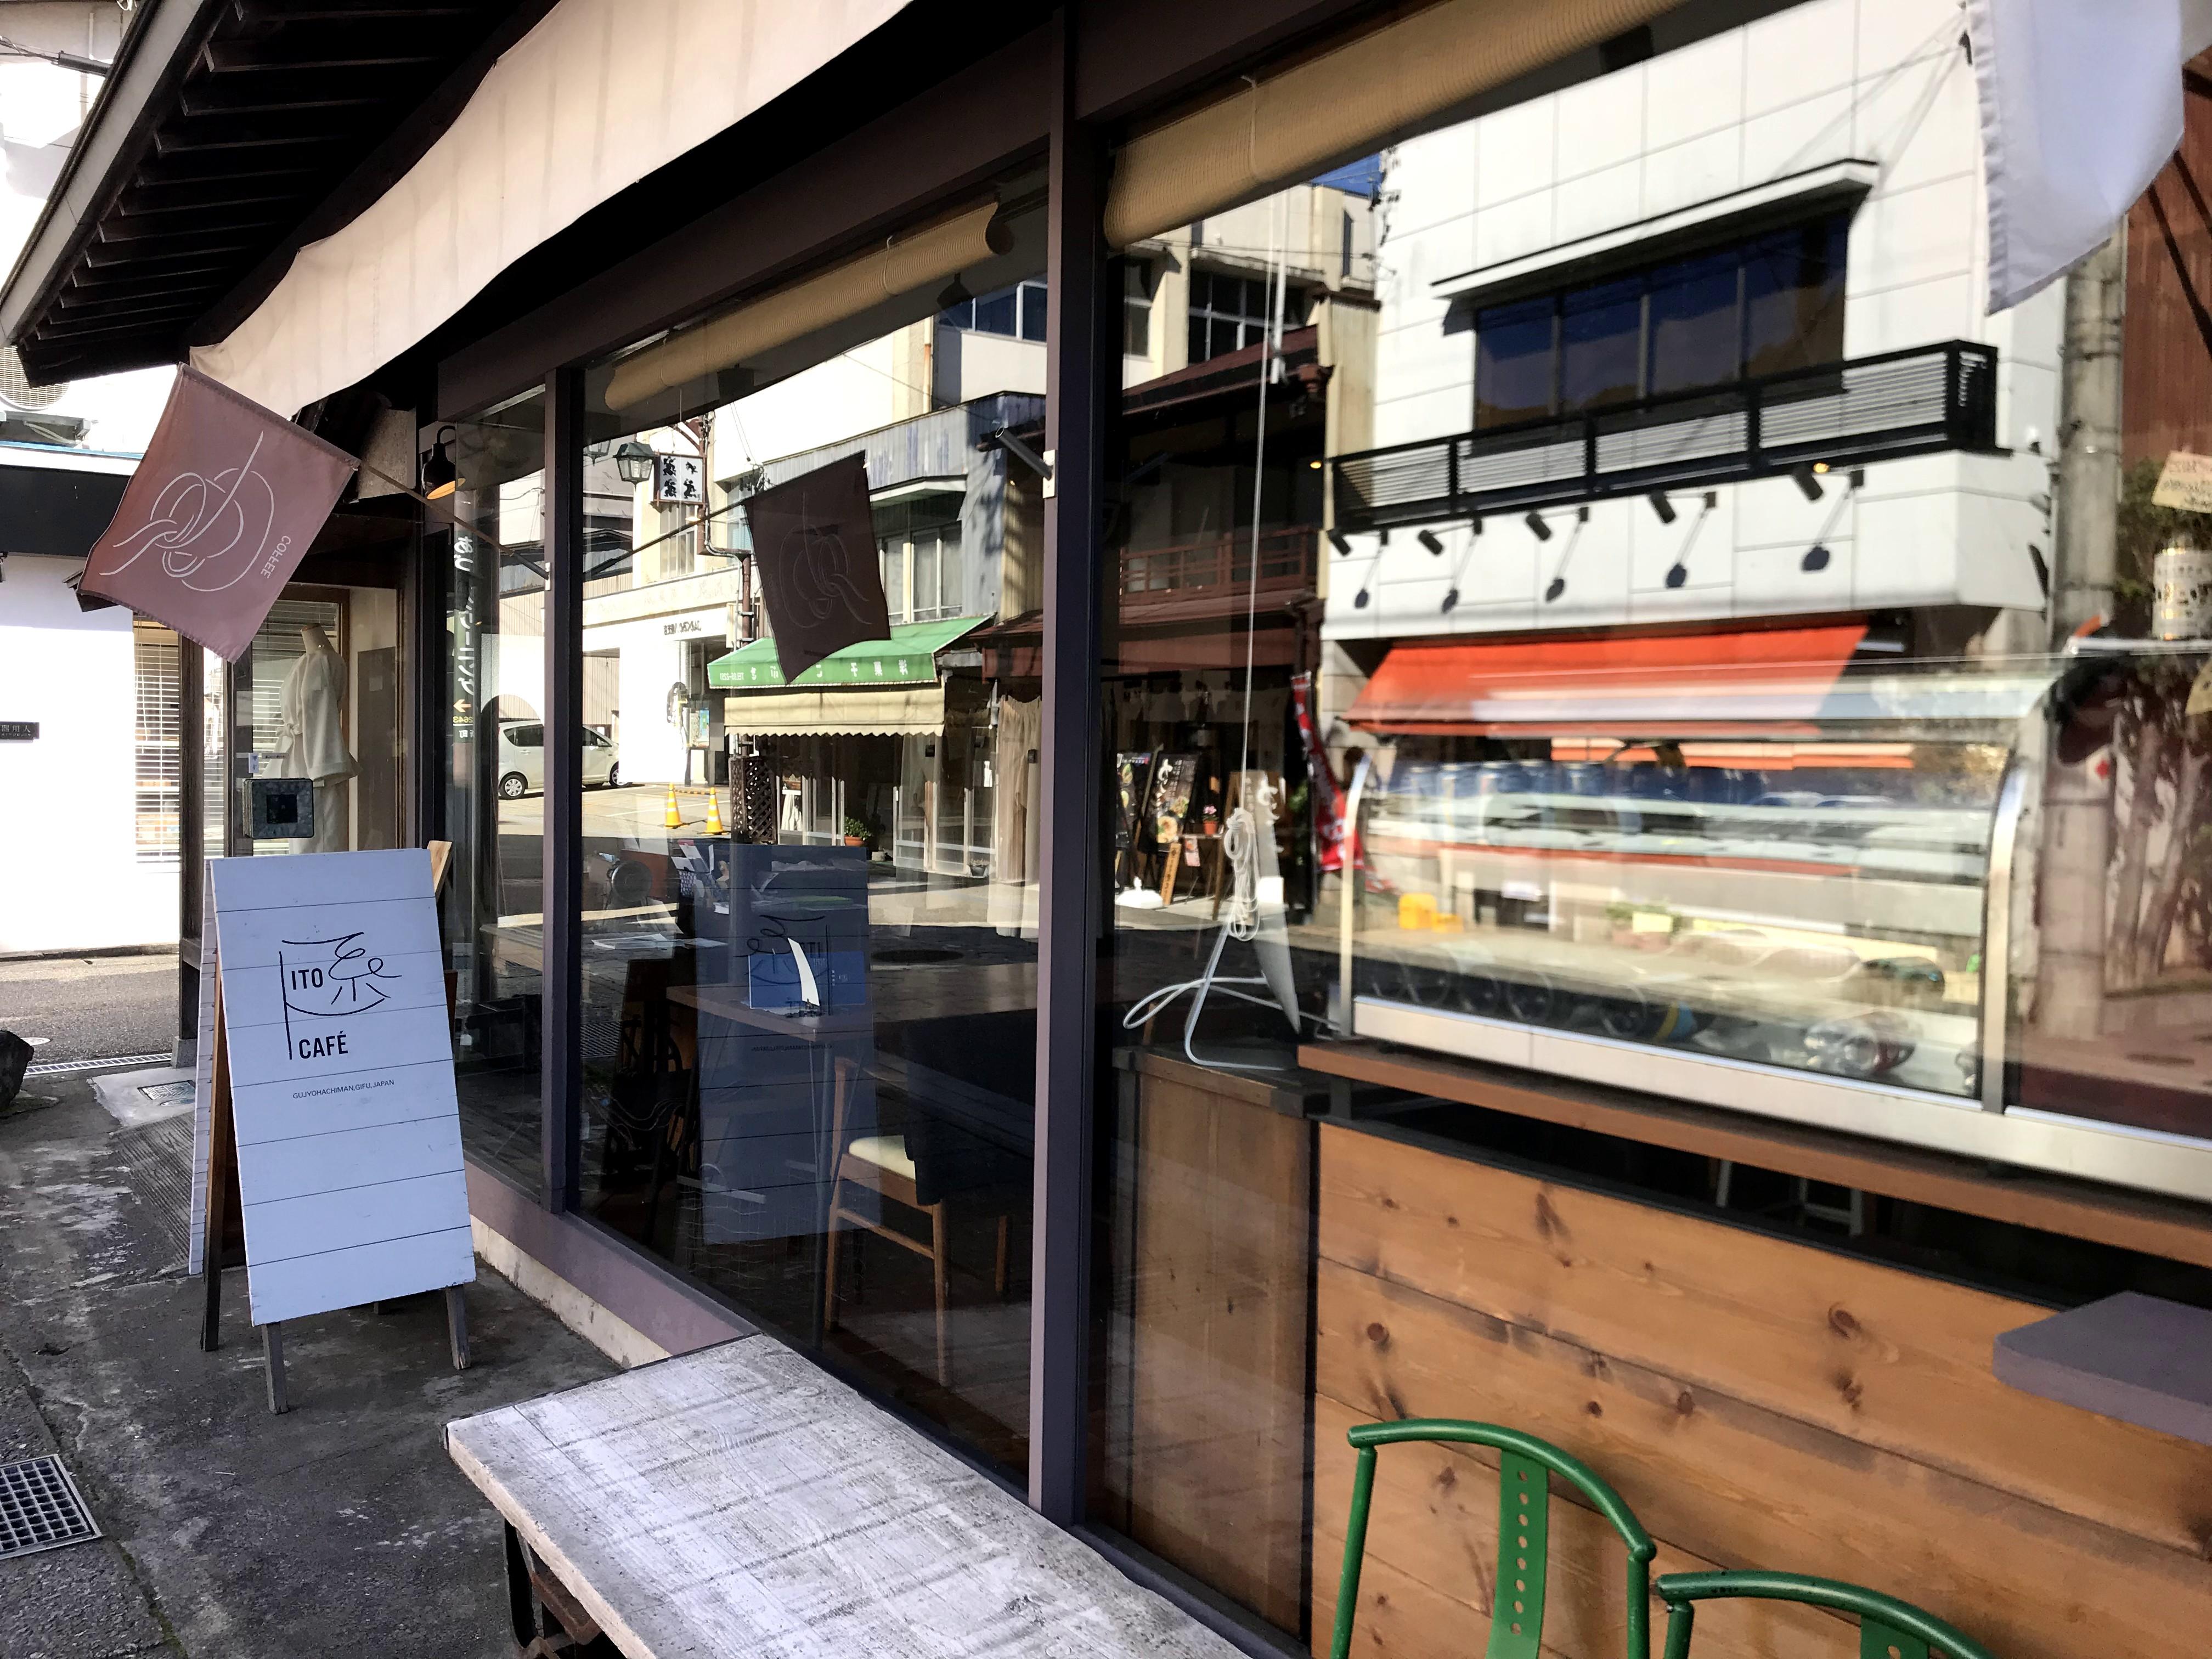 地元の美味しいがたくさん!郡上八幡のおしゃれカフェ『糸CAFE(イトカフェ)』 - IMG 3261